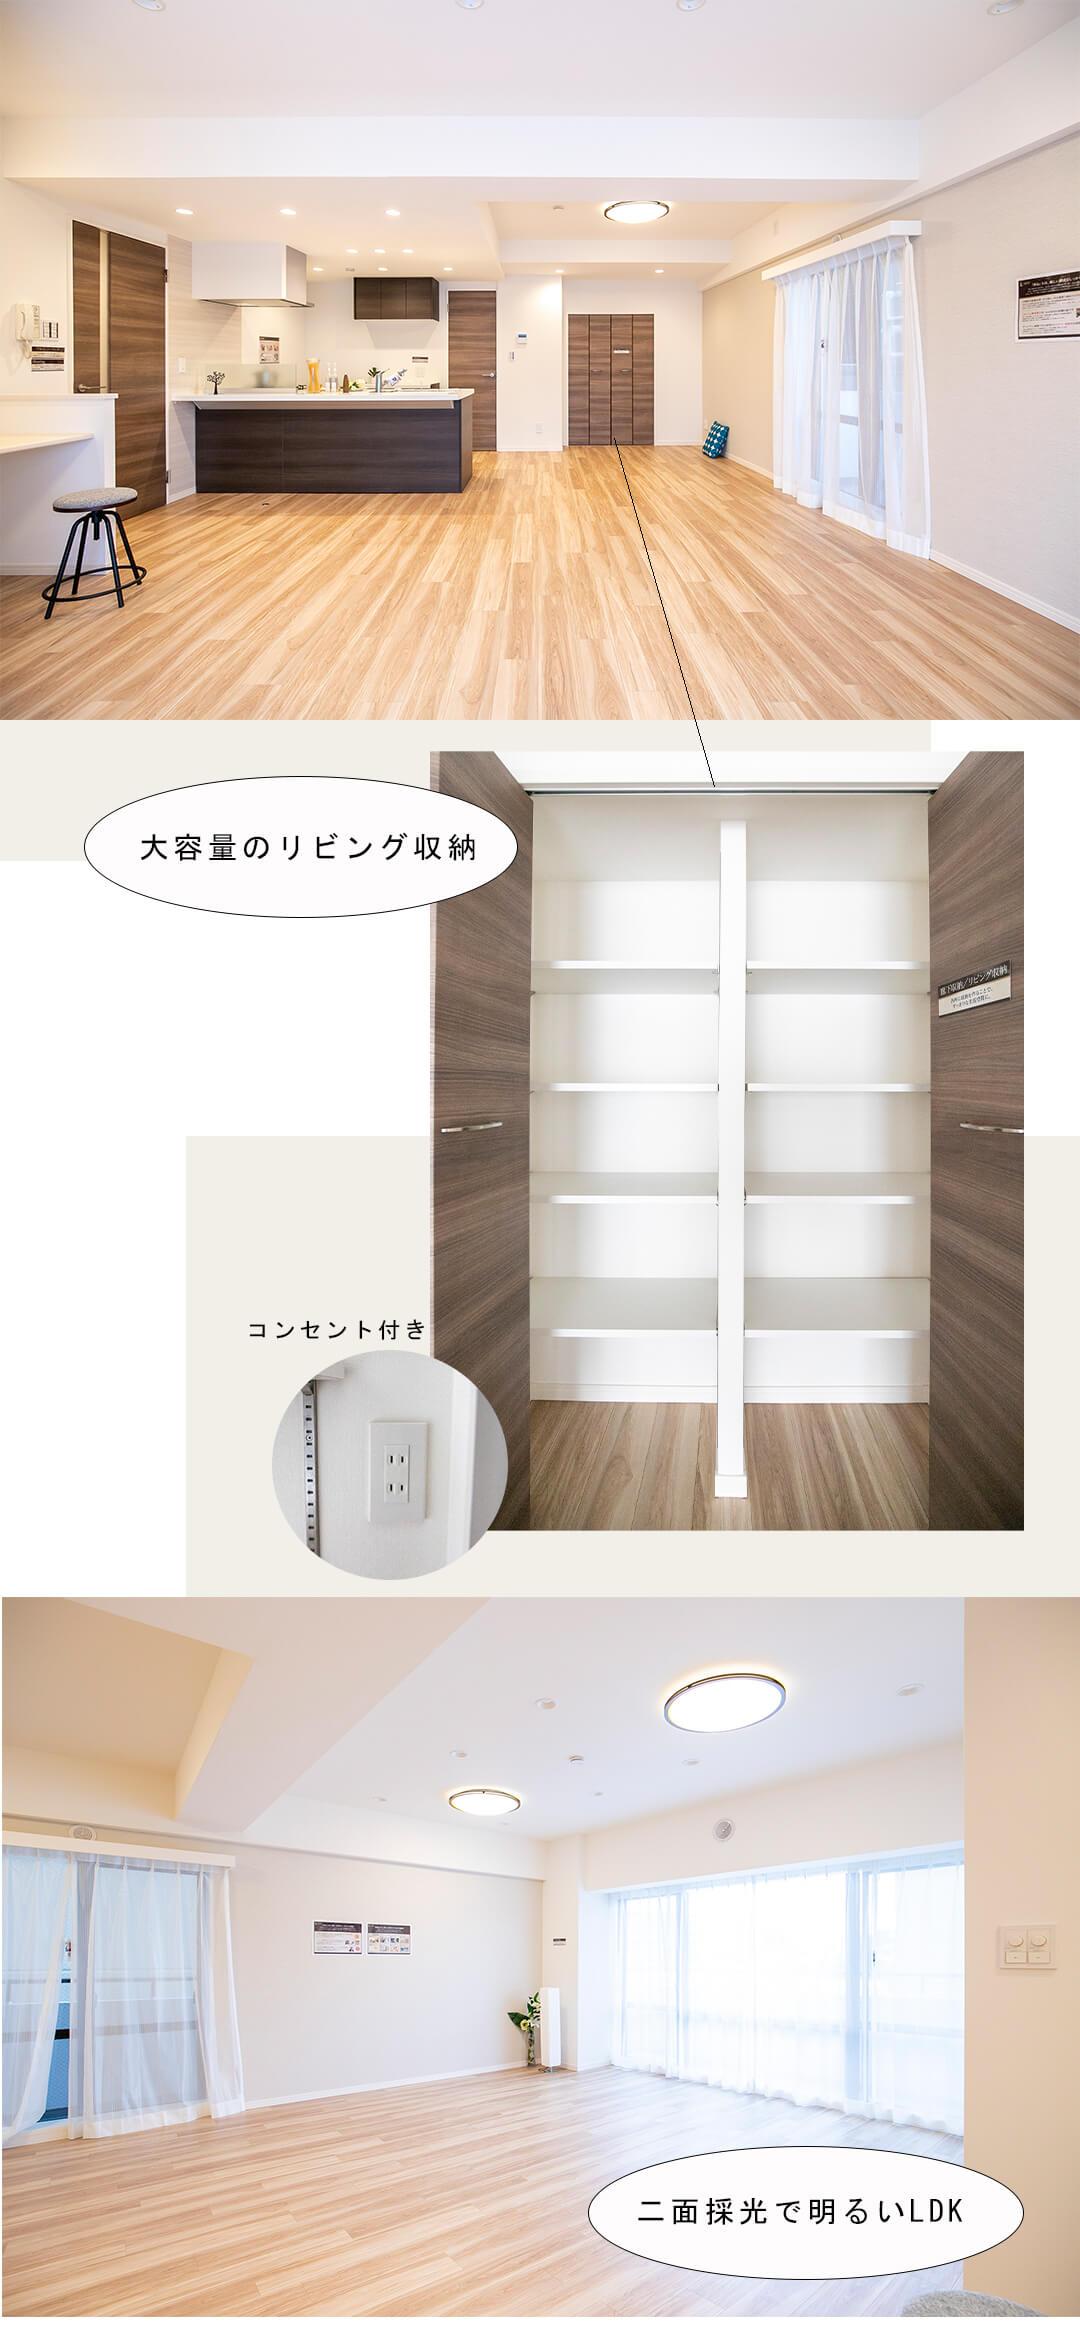 東急ドエル・アルス音羽Ⅱのリビングダイニング